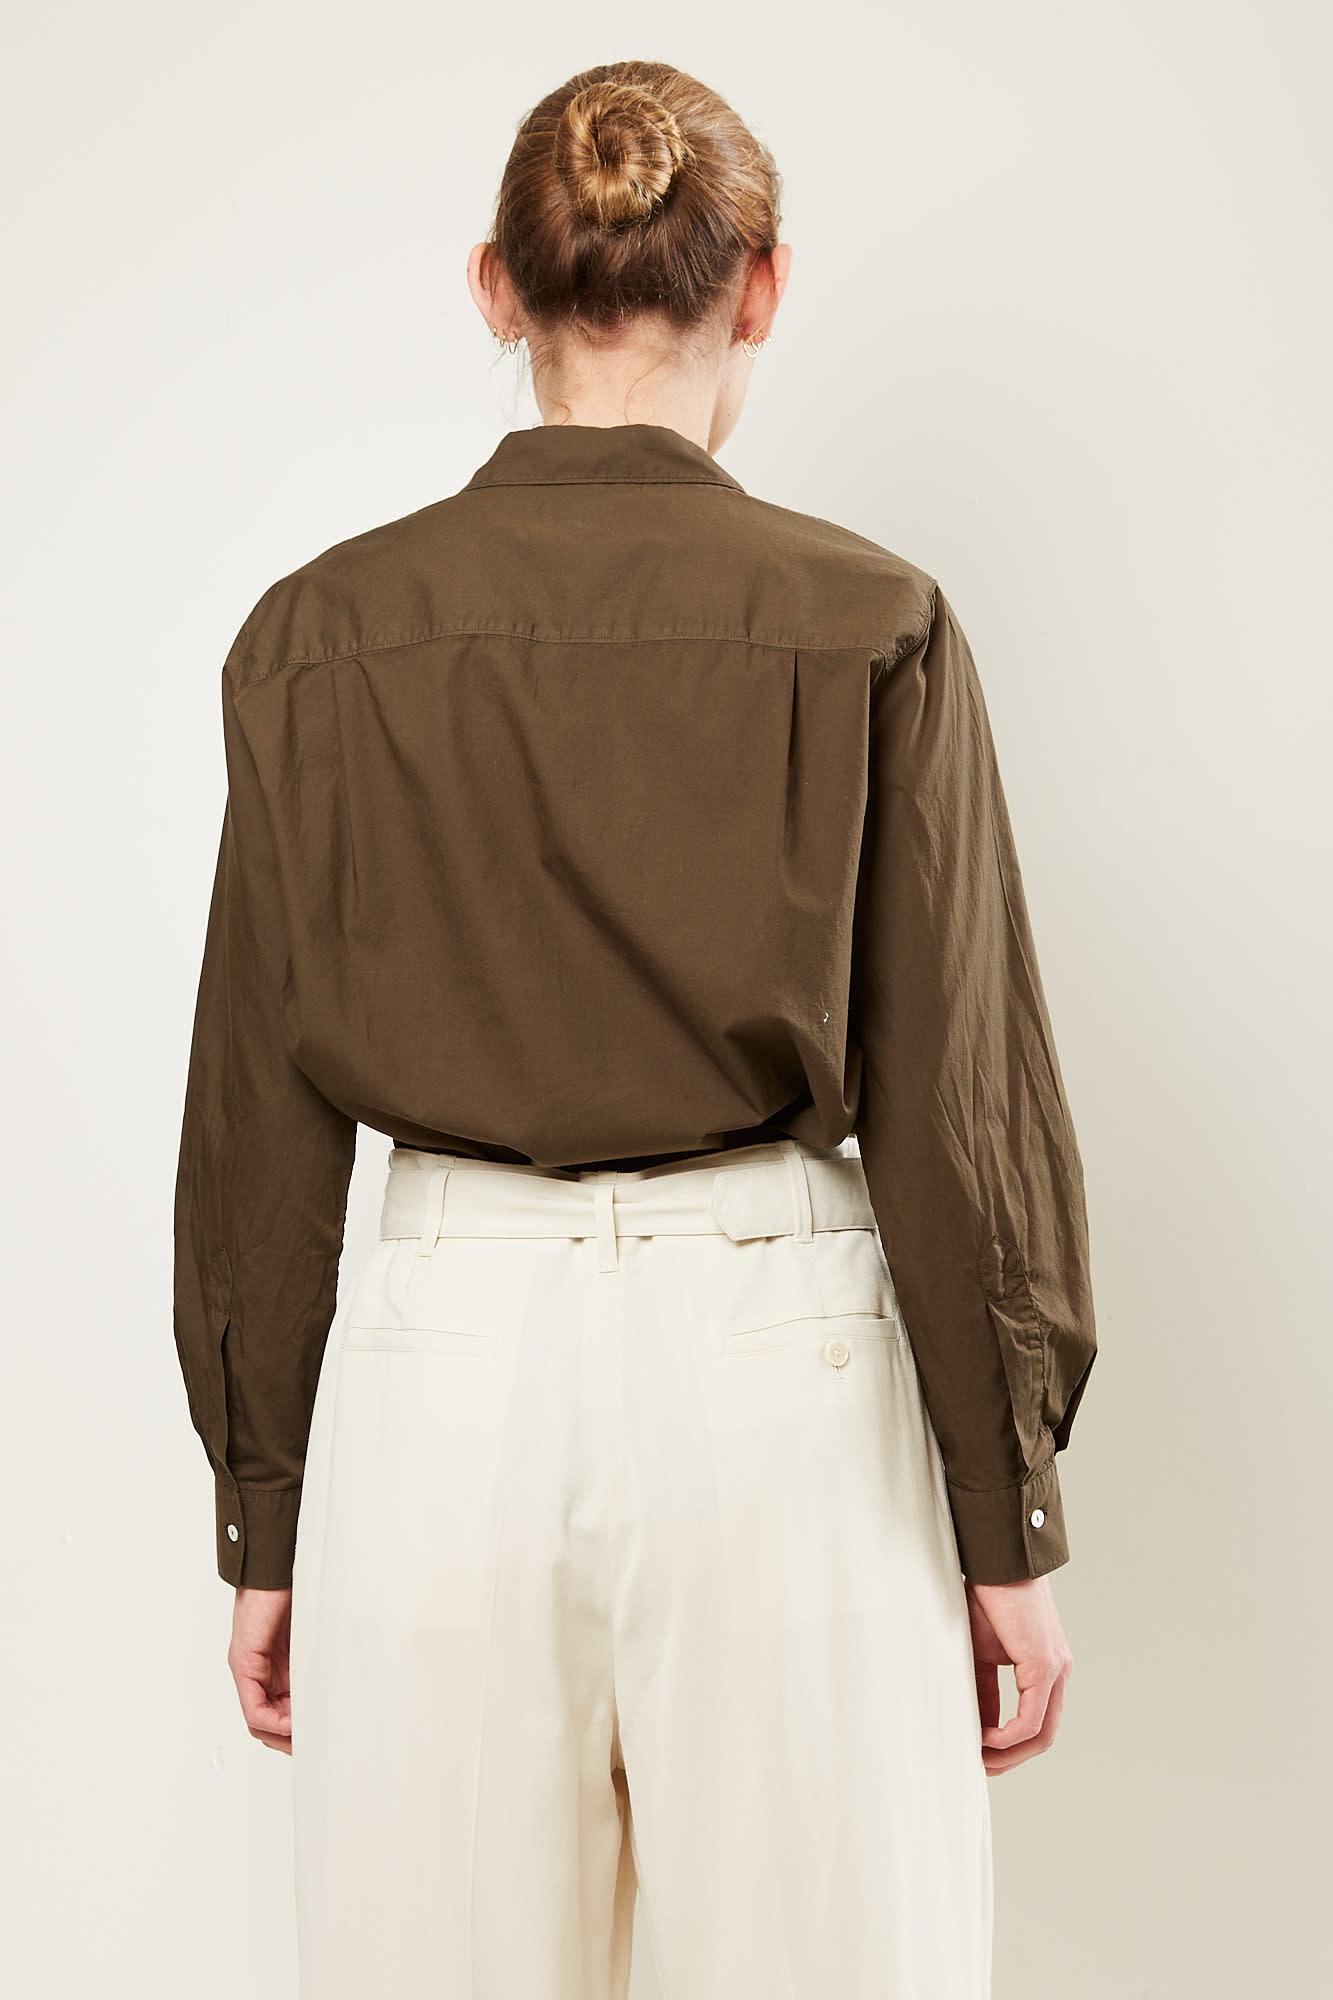 Diega - Clementina chemise 2